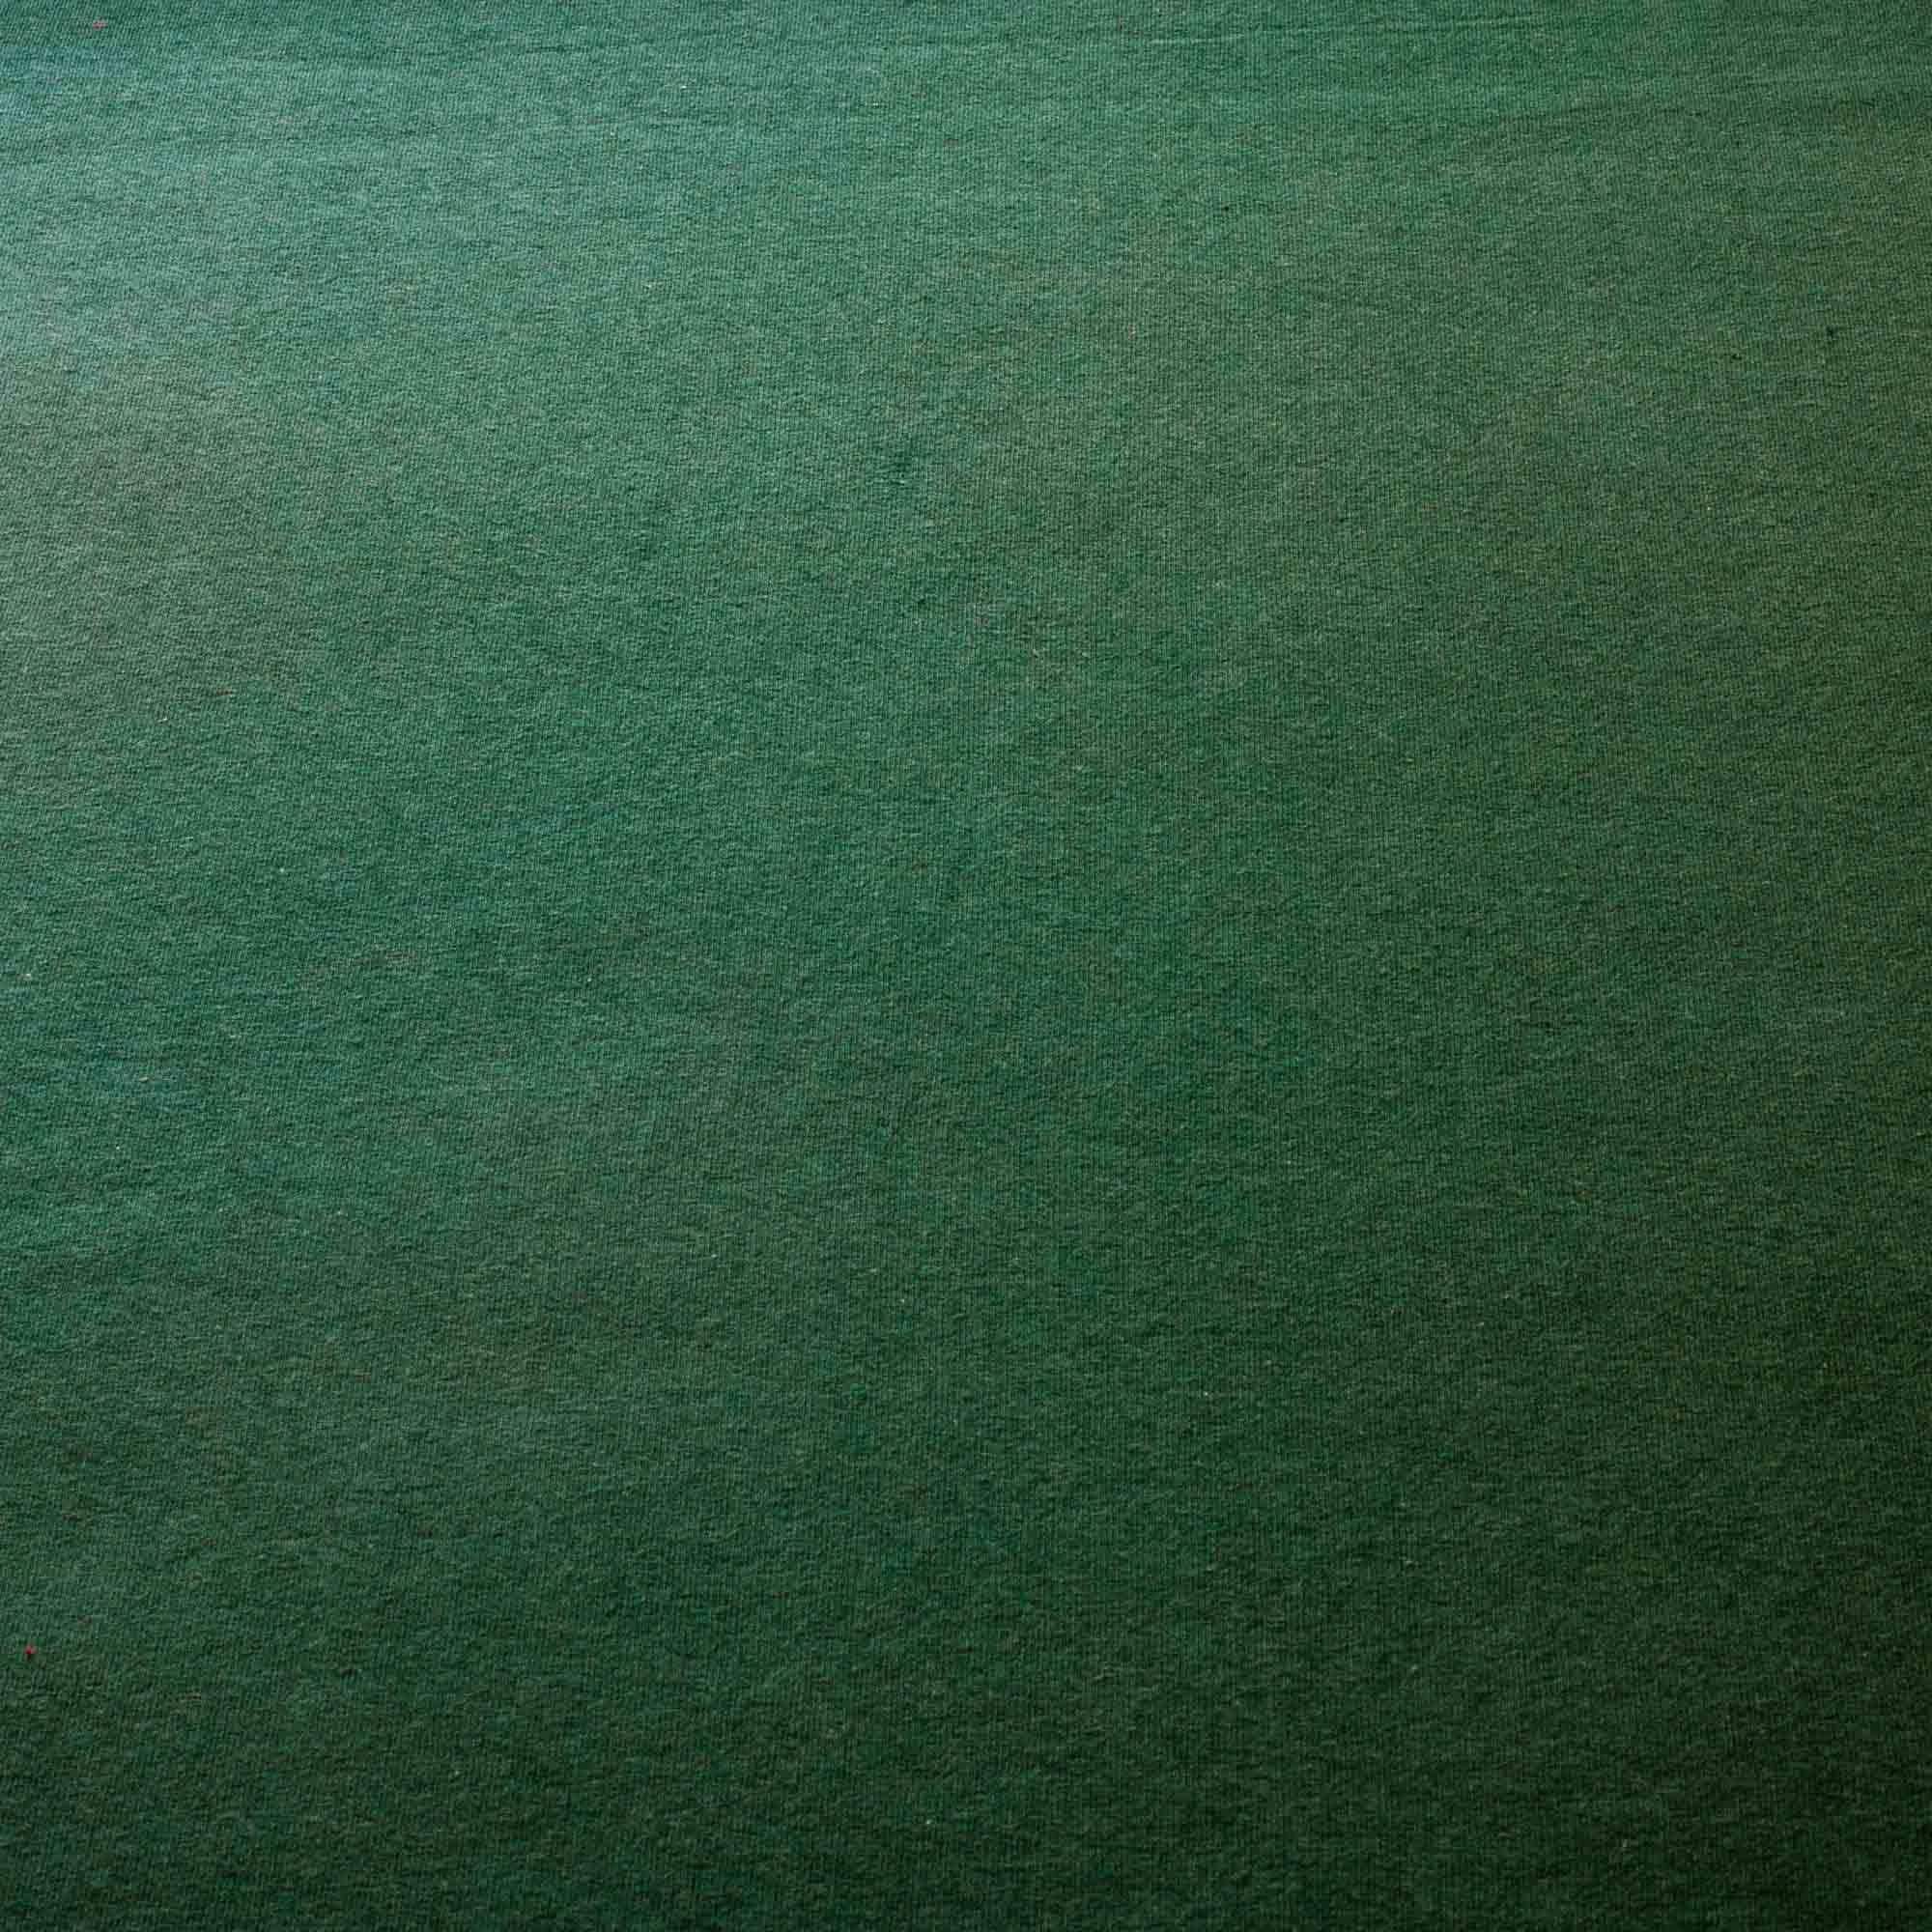 Tecido Malha Cotton Verde Bandeira 96% Algodao 4% Elastano 1,80 m Largura